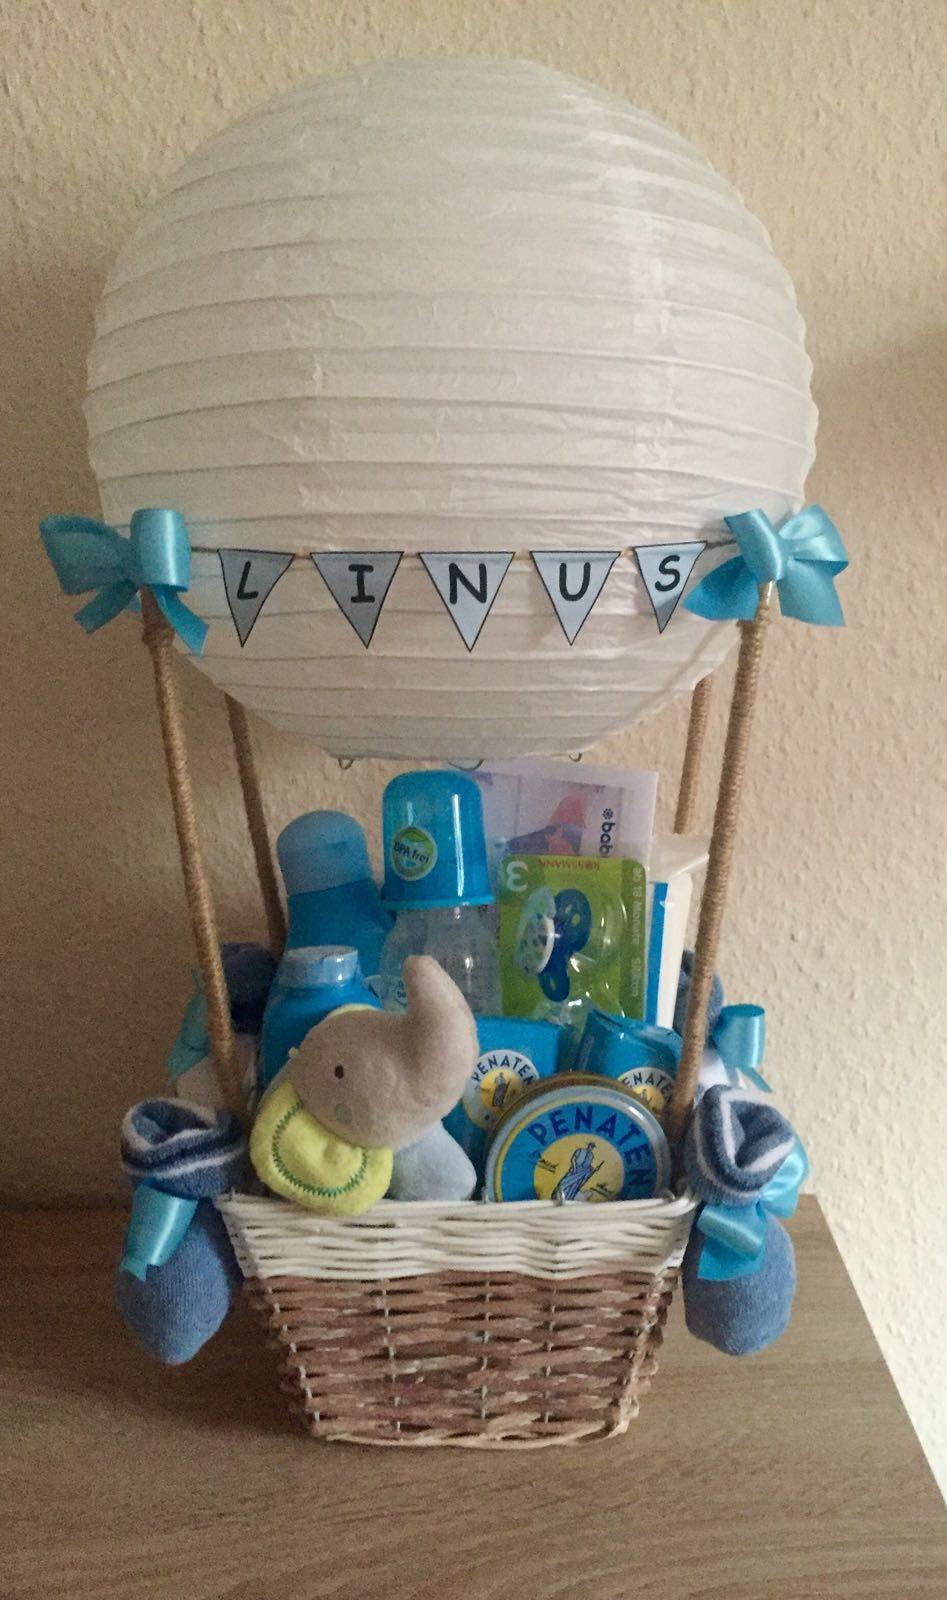 Geschenk Zur Geburt Heissluftballon Geschenke Zur Geburt Basteln Ausgefallene Geschenke Zur Geburt Geschenke Zur Geburt Junge